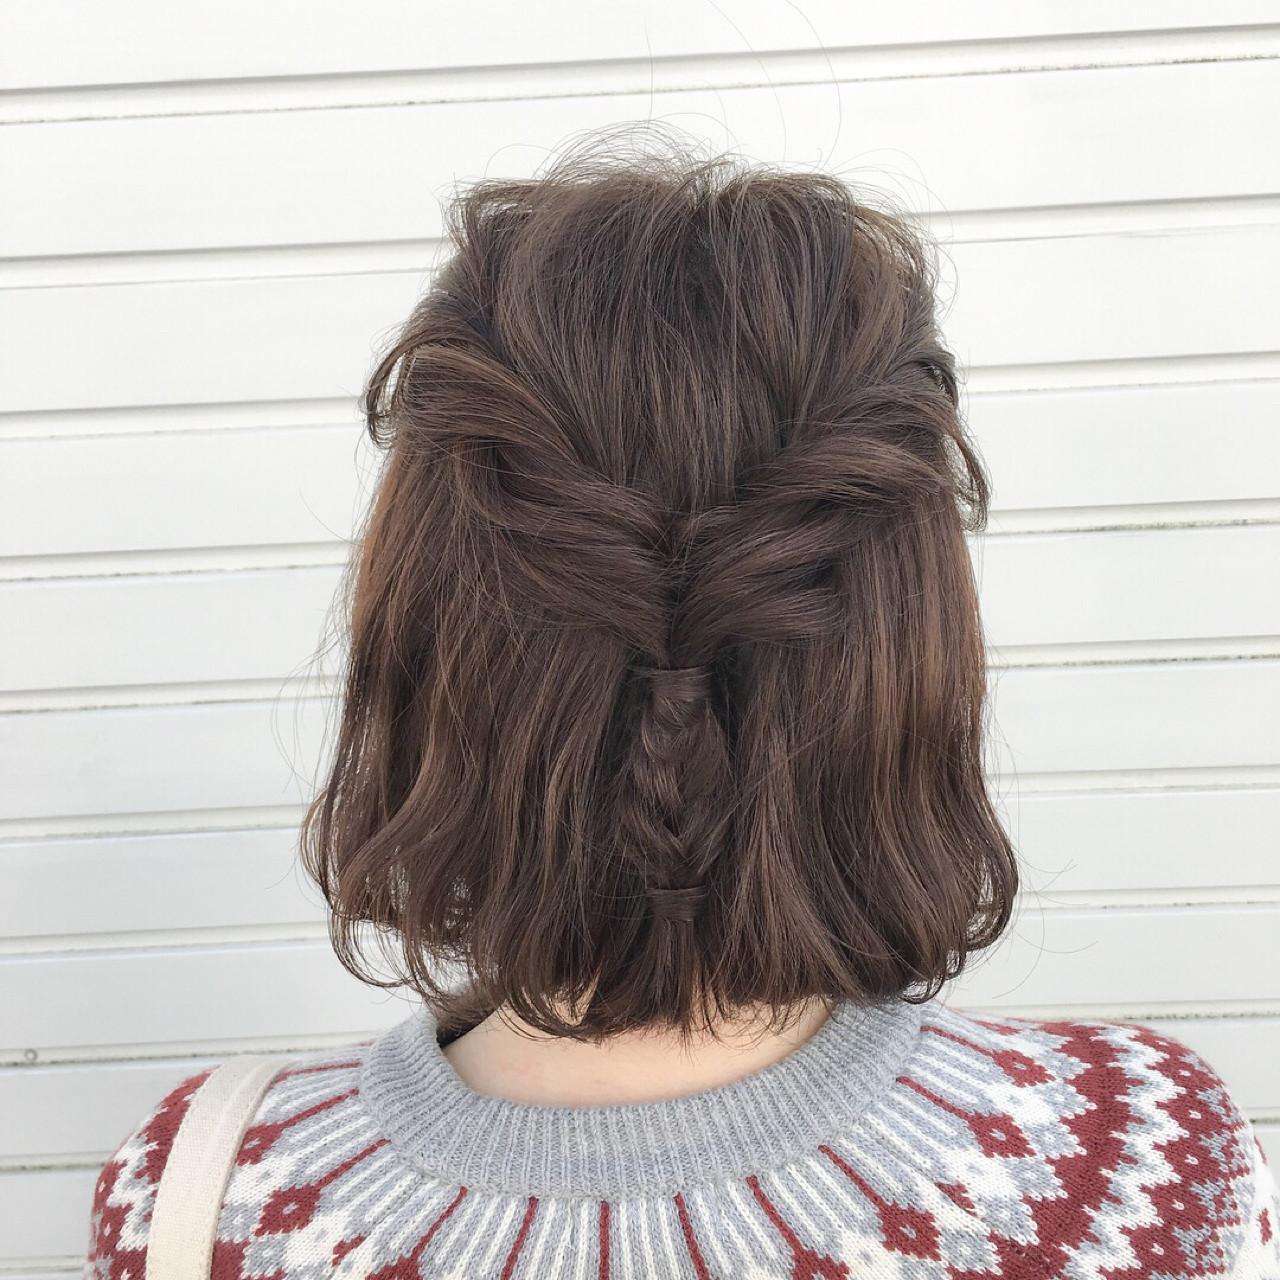 編み込みでパパッと可愛くヘアアレンジ♡ 水野靖己 | レシェル多治見